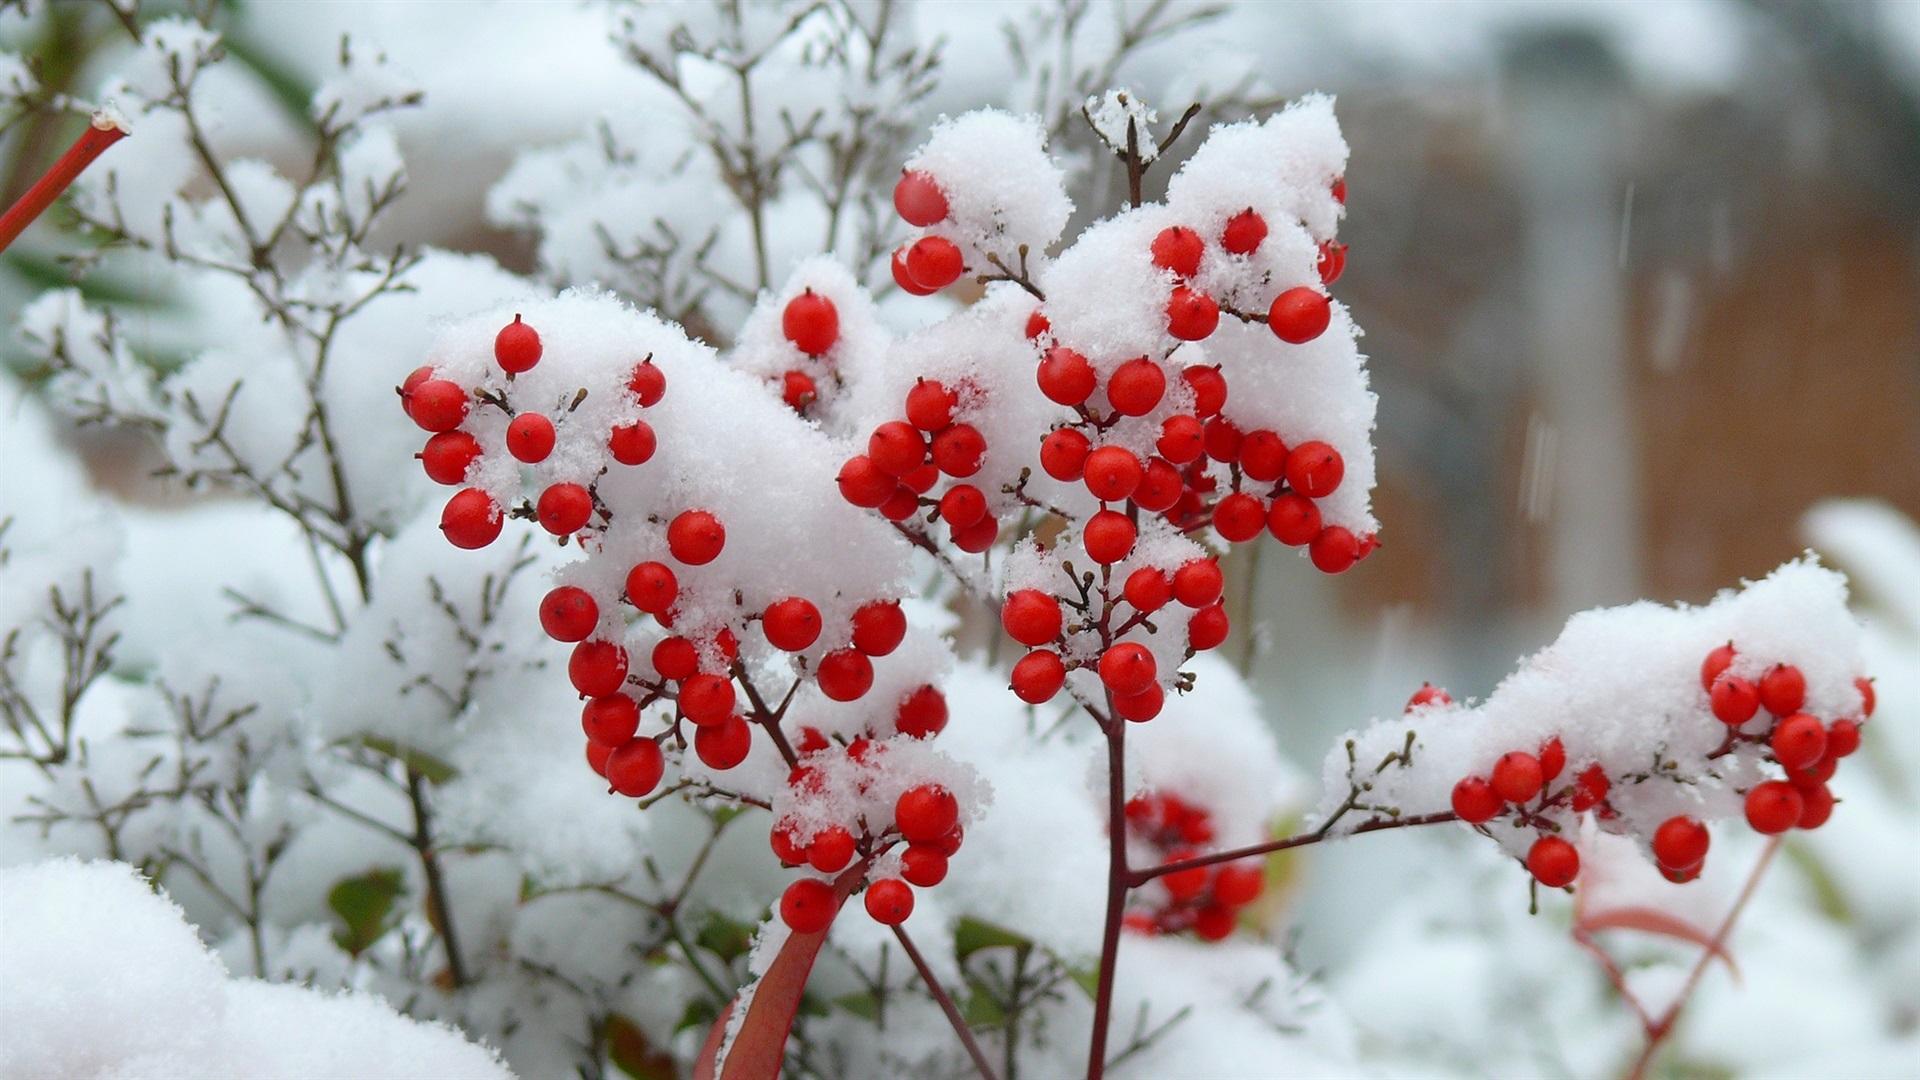 псевдотермобелье никогда заставка на рабочий стол фрукты в снегу холодное время